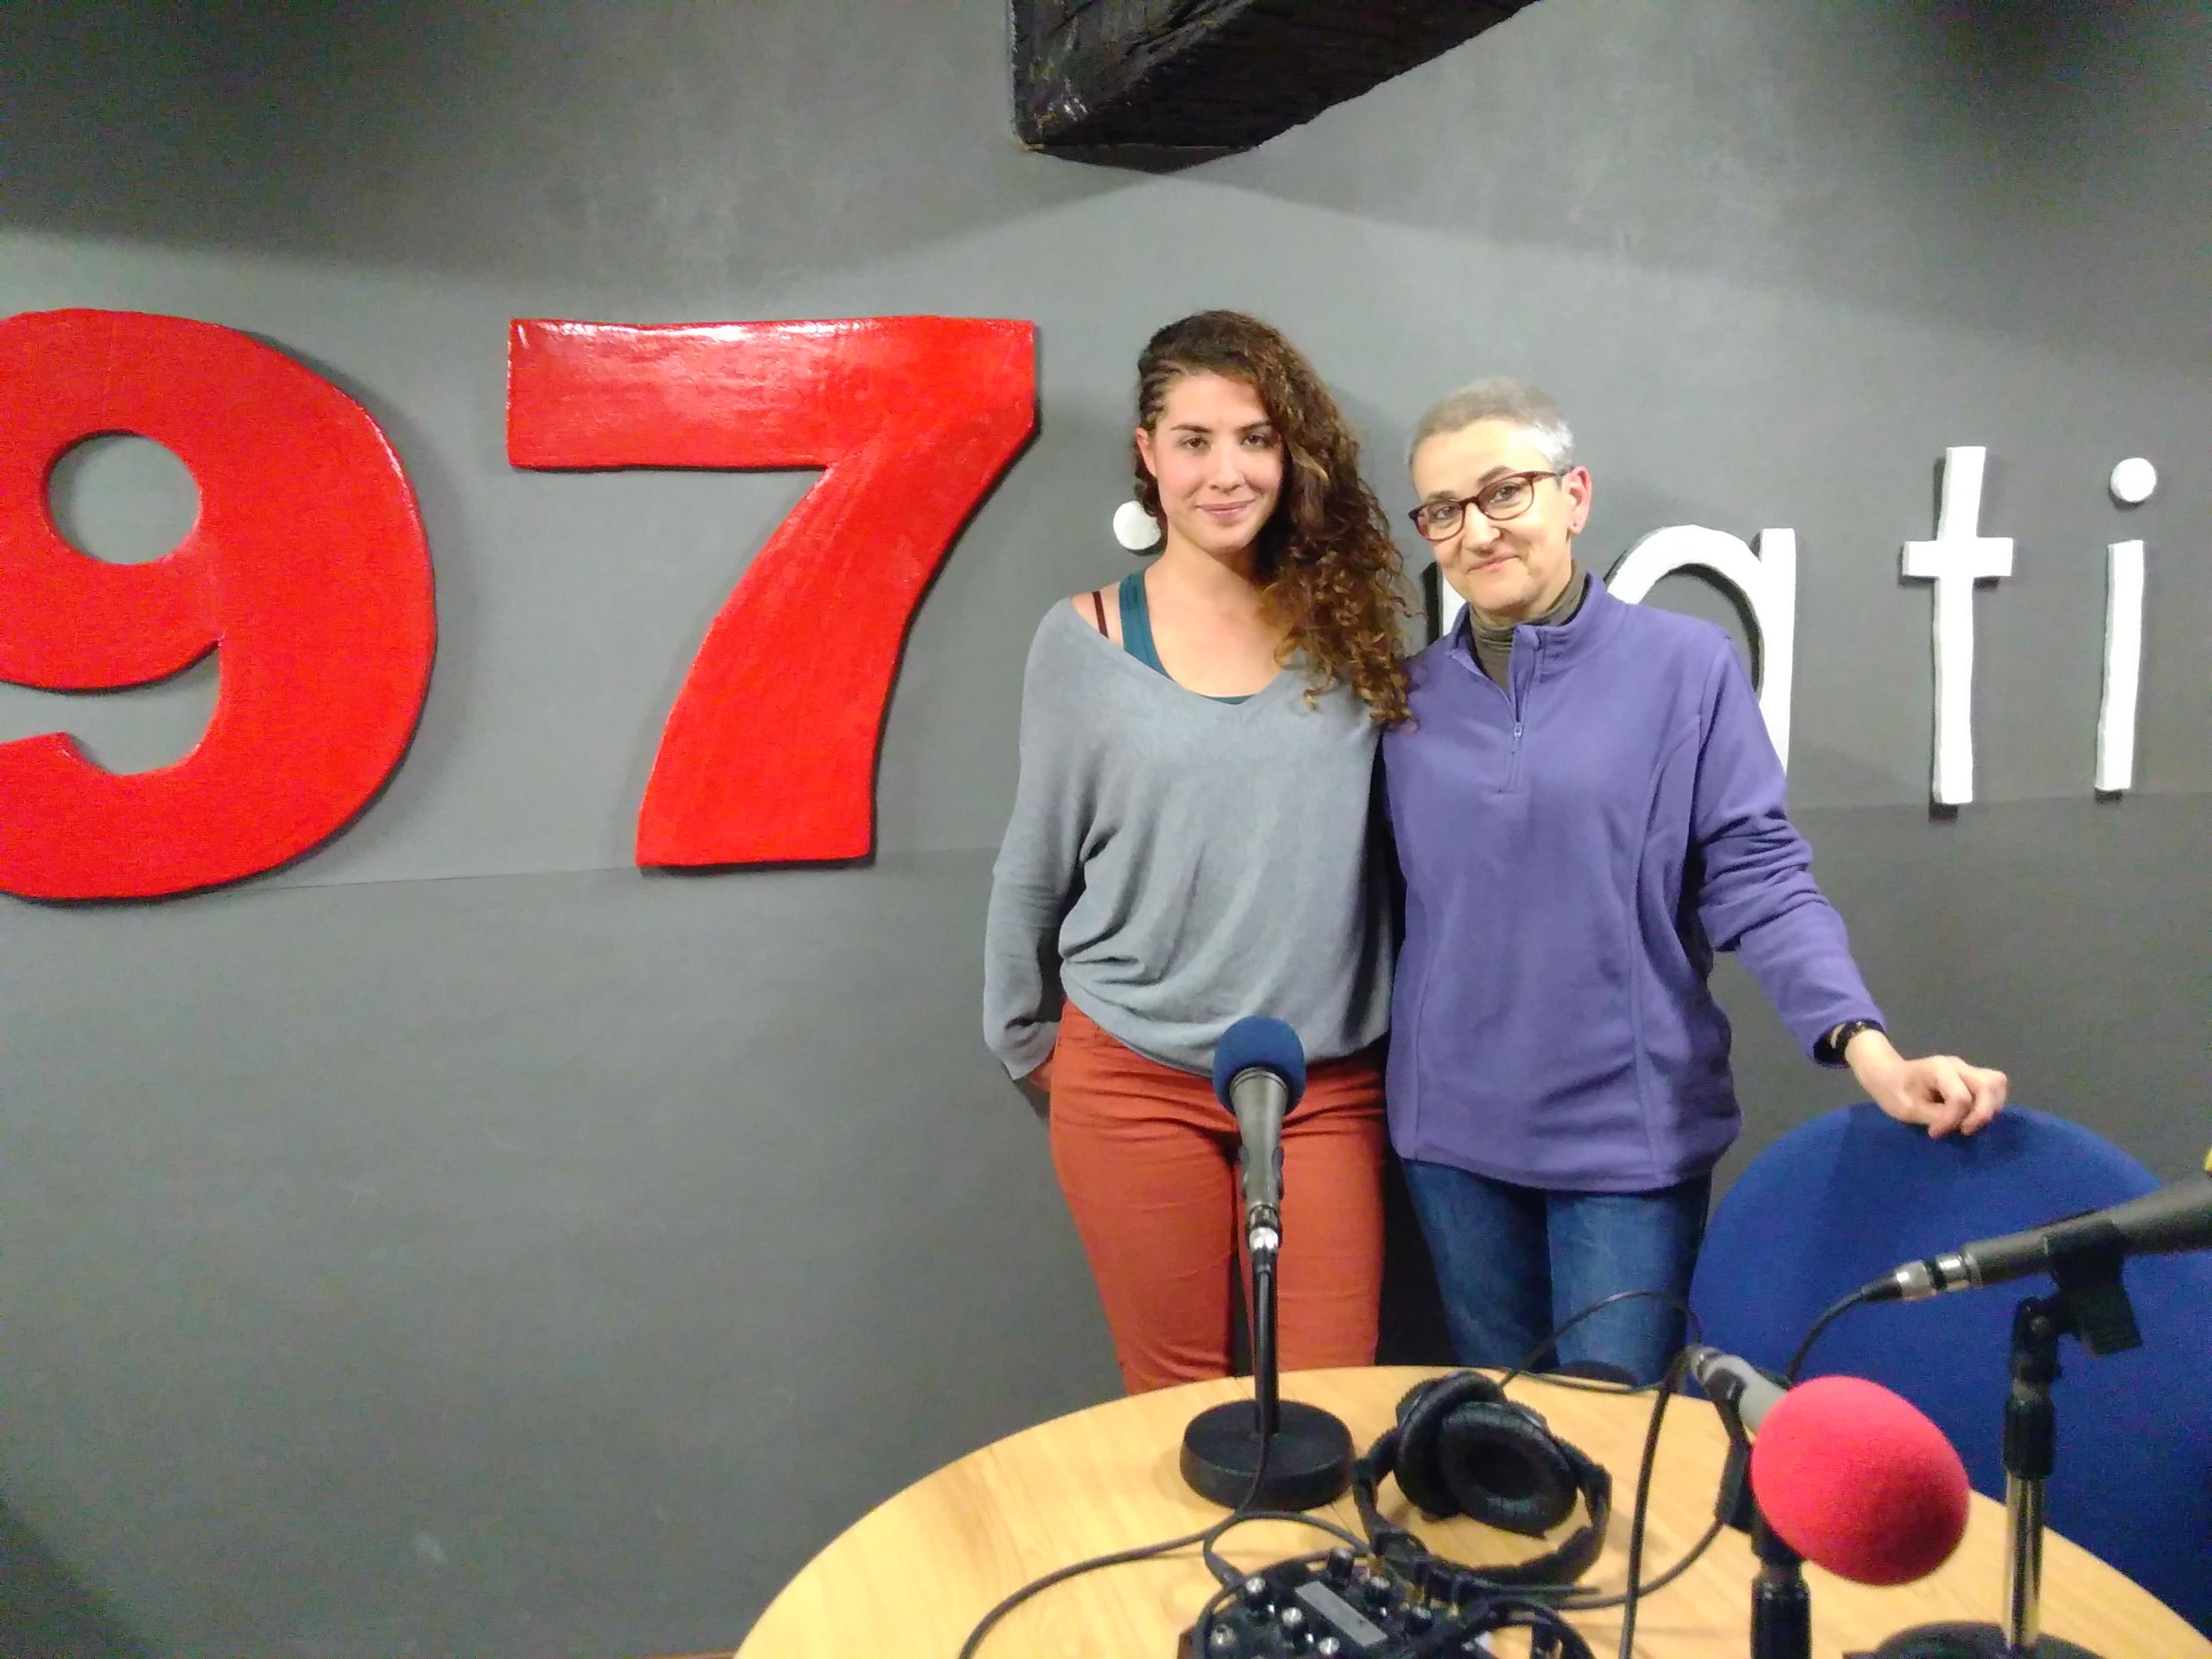 El Laboratorio de Medea: Entrevista a Marta Macho